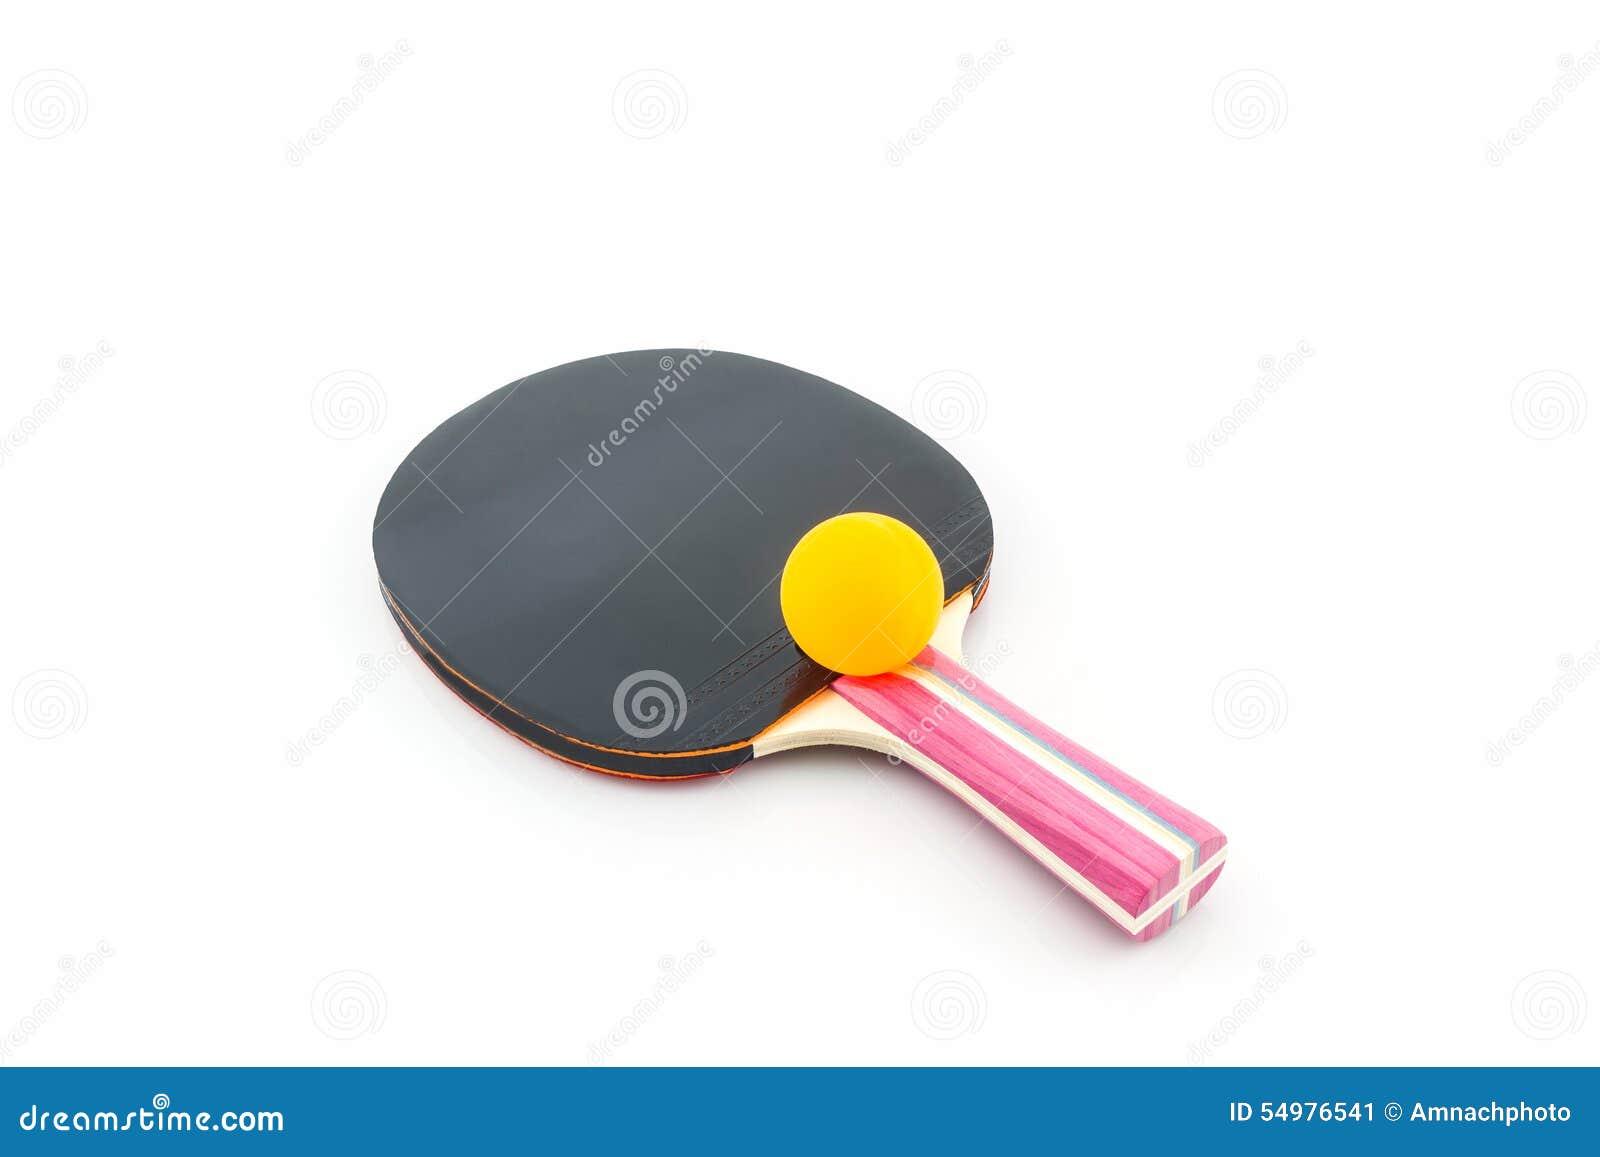 Raquete do tênis de mesa (tênis de mesa) e uma bola